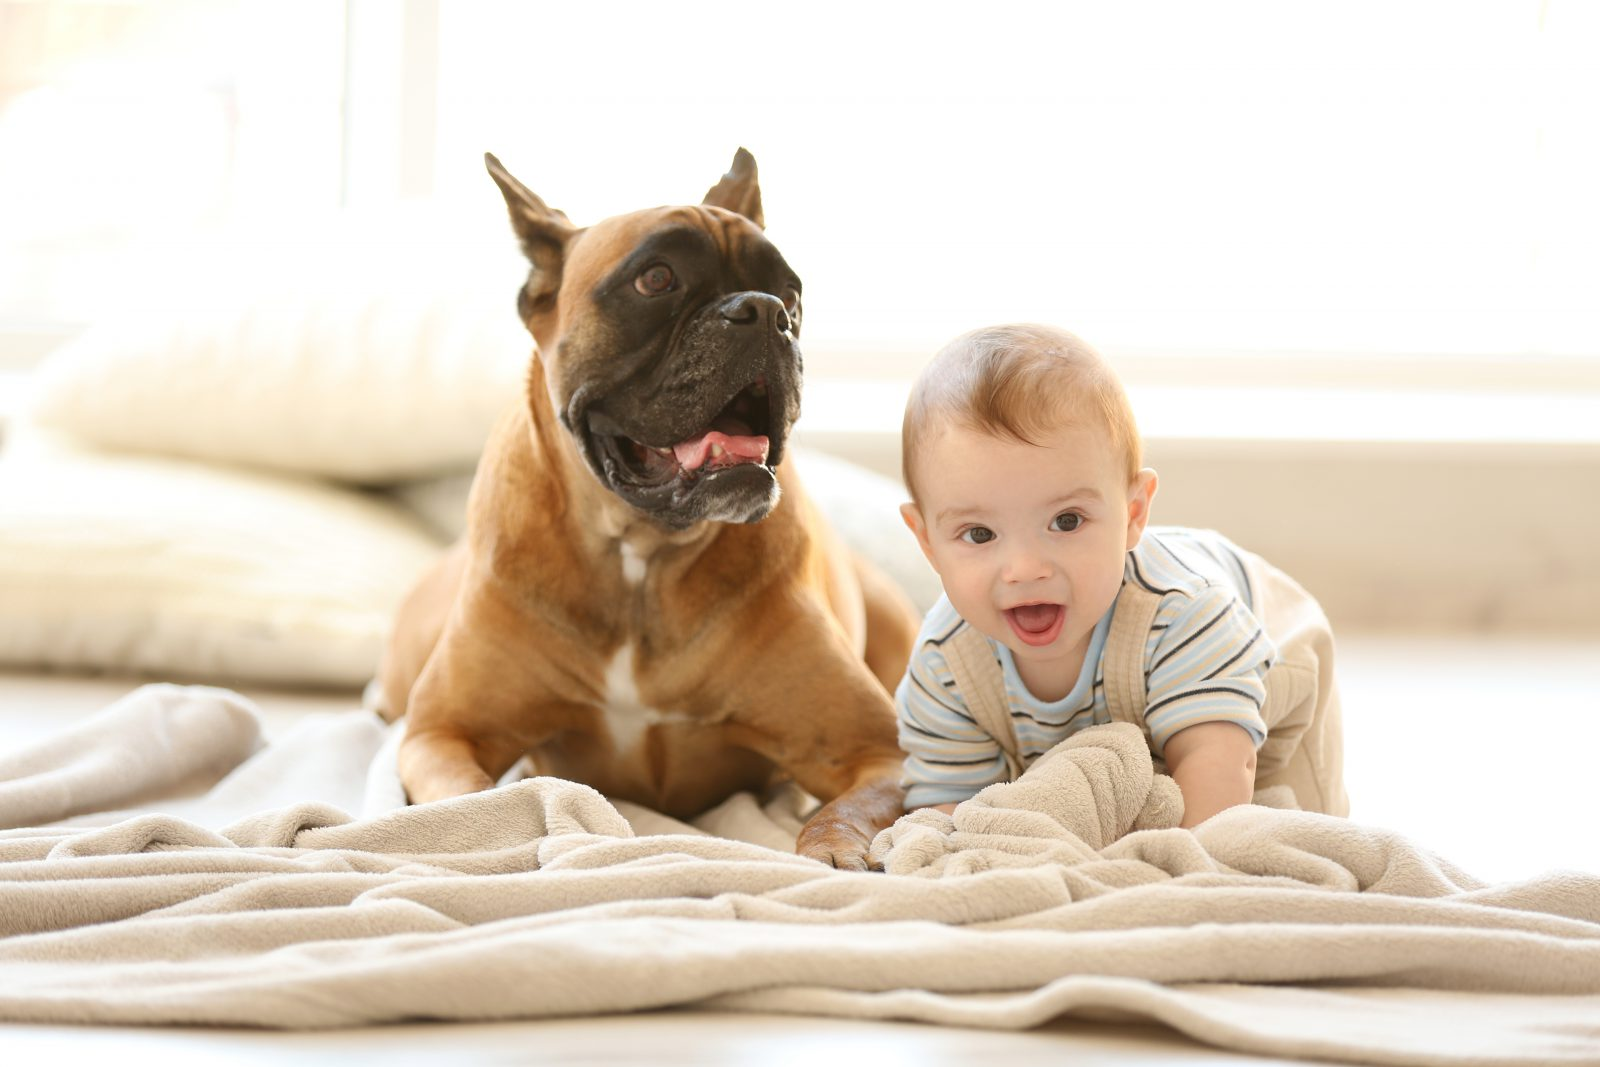 fatos-bizzaros-caes-criancas-2-anos